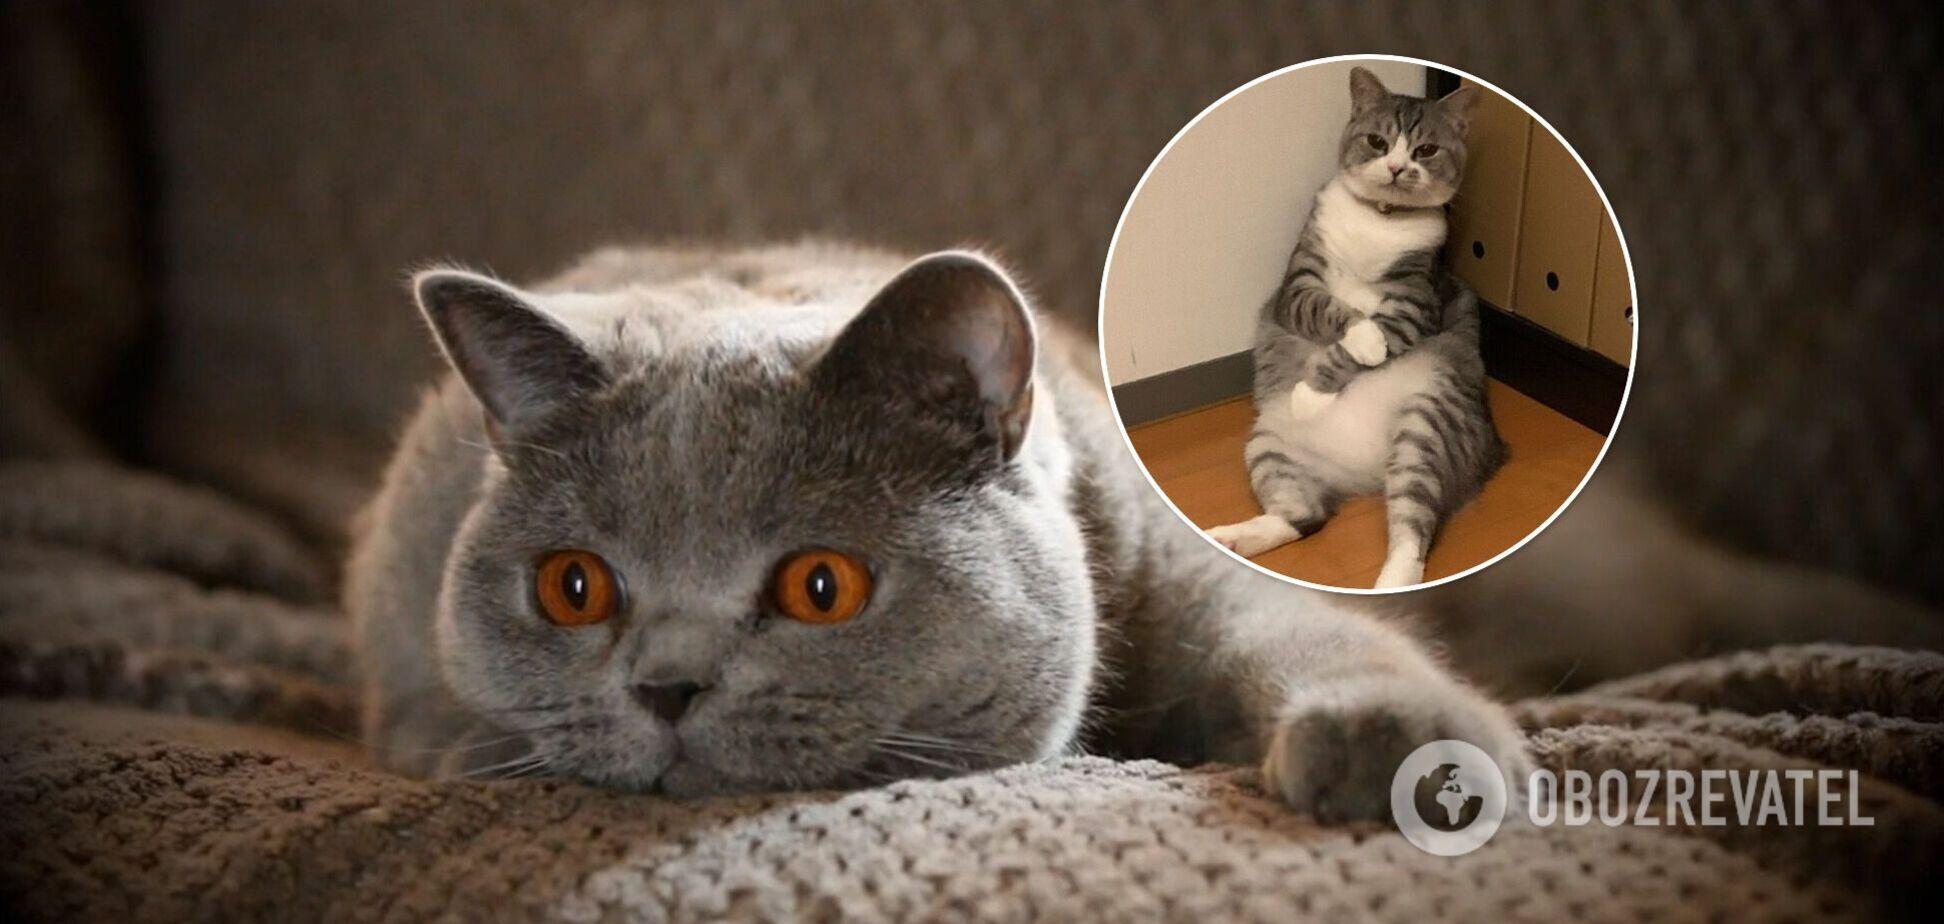 Кот-философ сладко прикорнул и стал звездой мемов. Фото